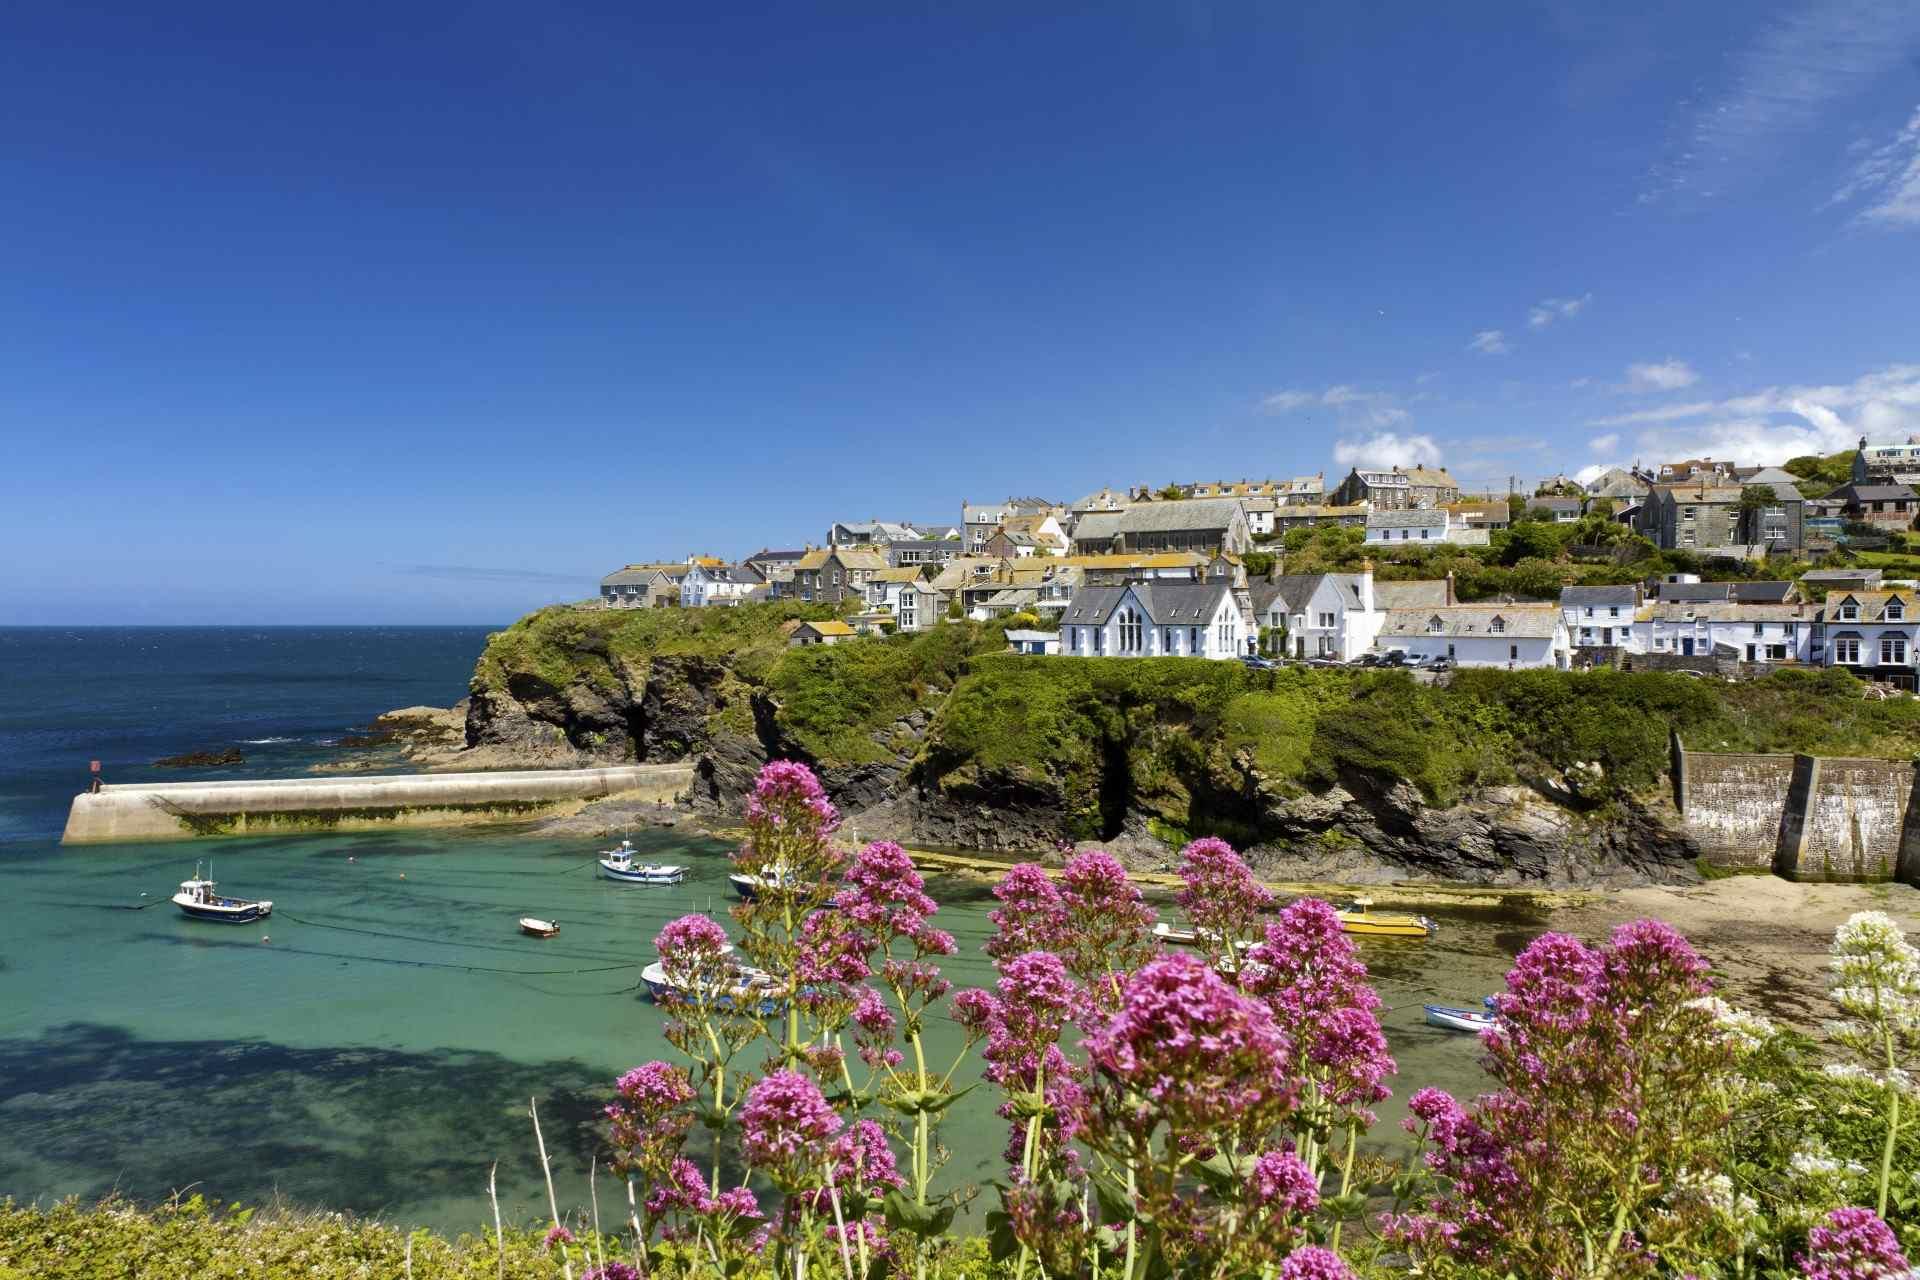 Cornish seaside village holiday cottages